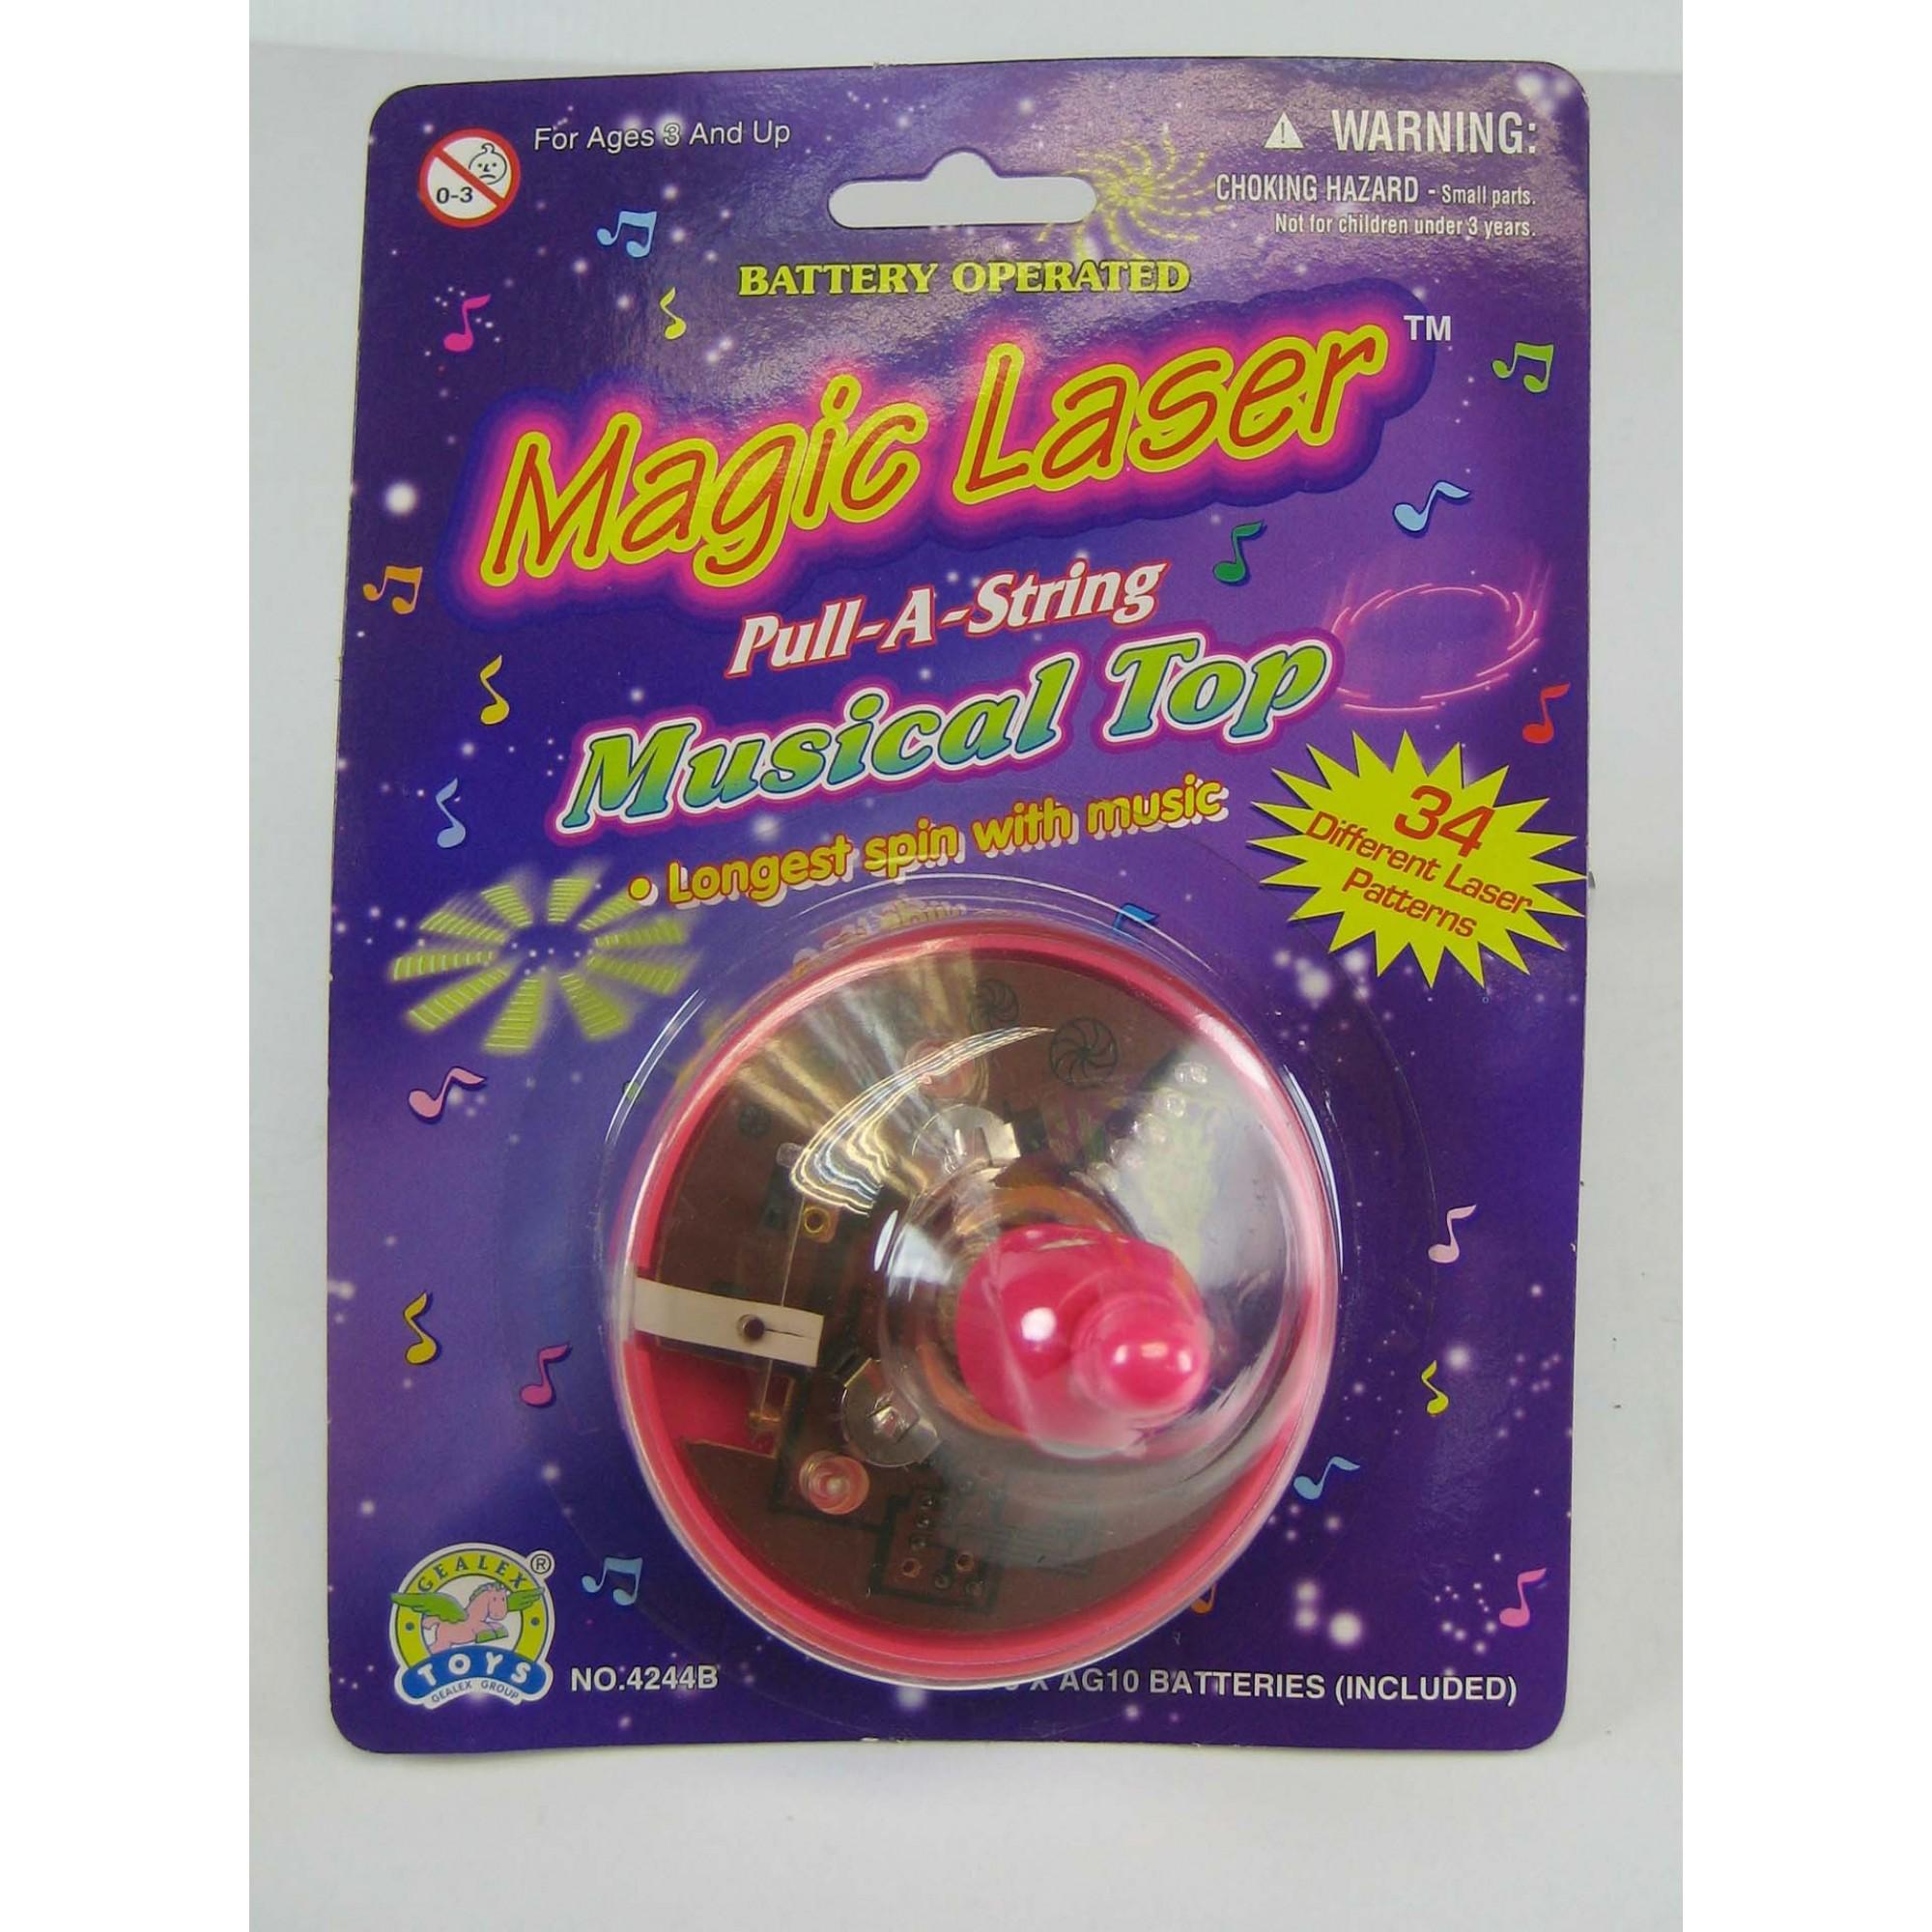 Musical Laser Pull-A String Spinner